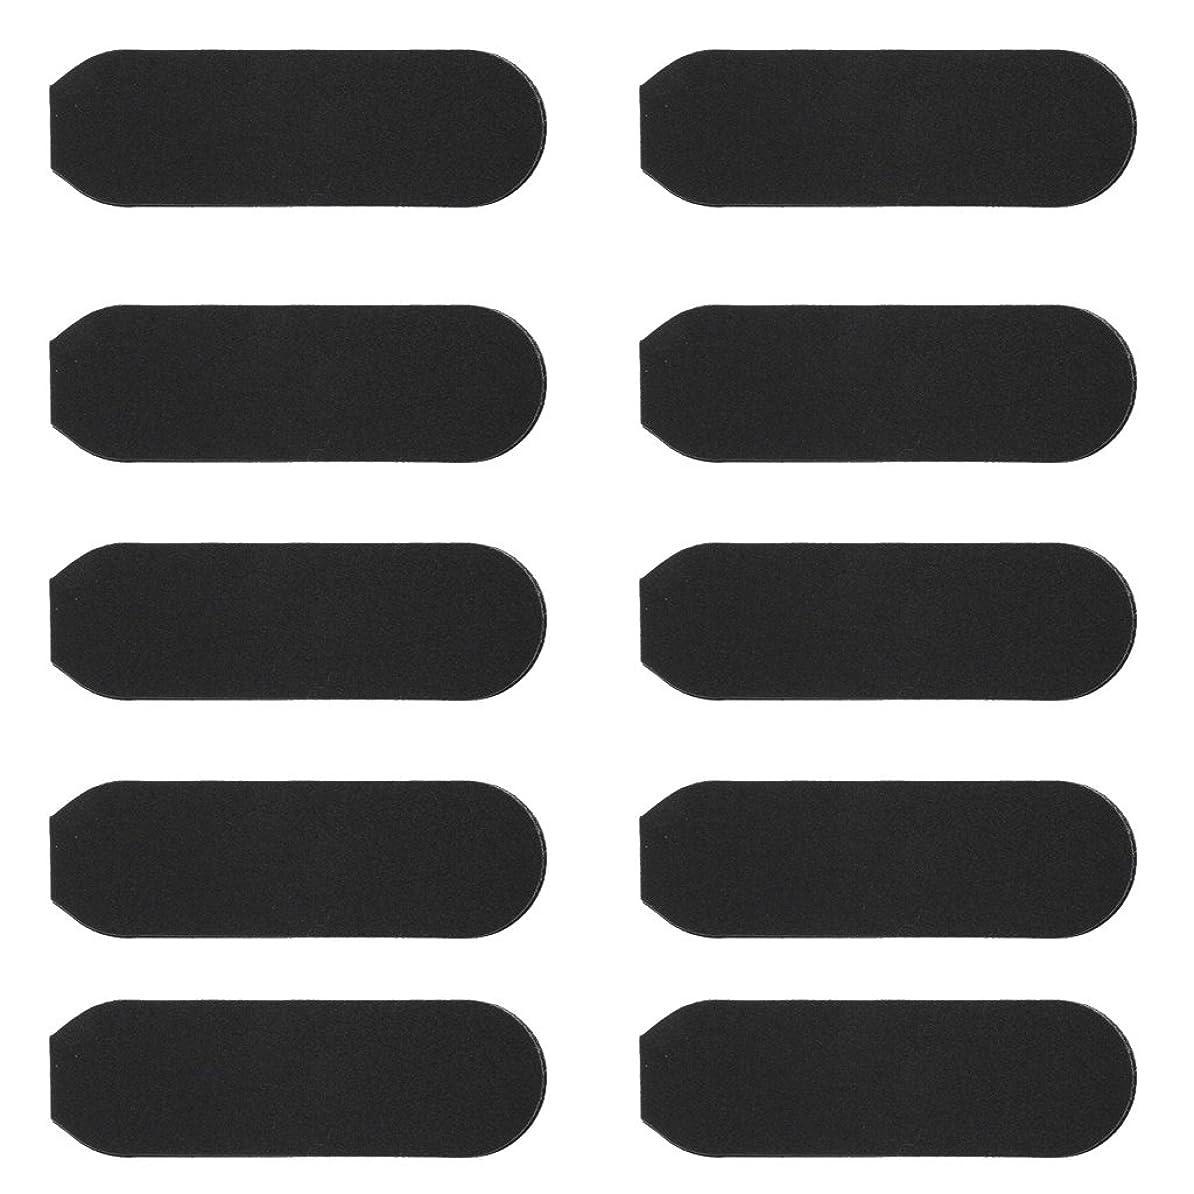 冷蔵する宿泊心配CUTICATE 10枚 自己接着 ペディキュア フットサンディング 角質 リムーバー デッド スキンリムーバー